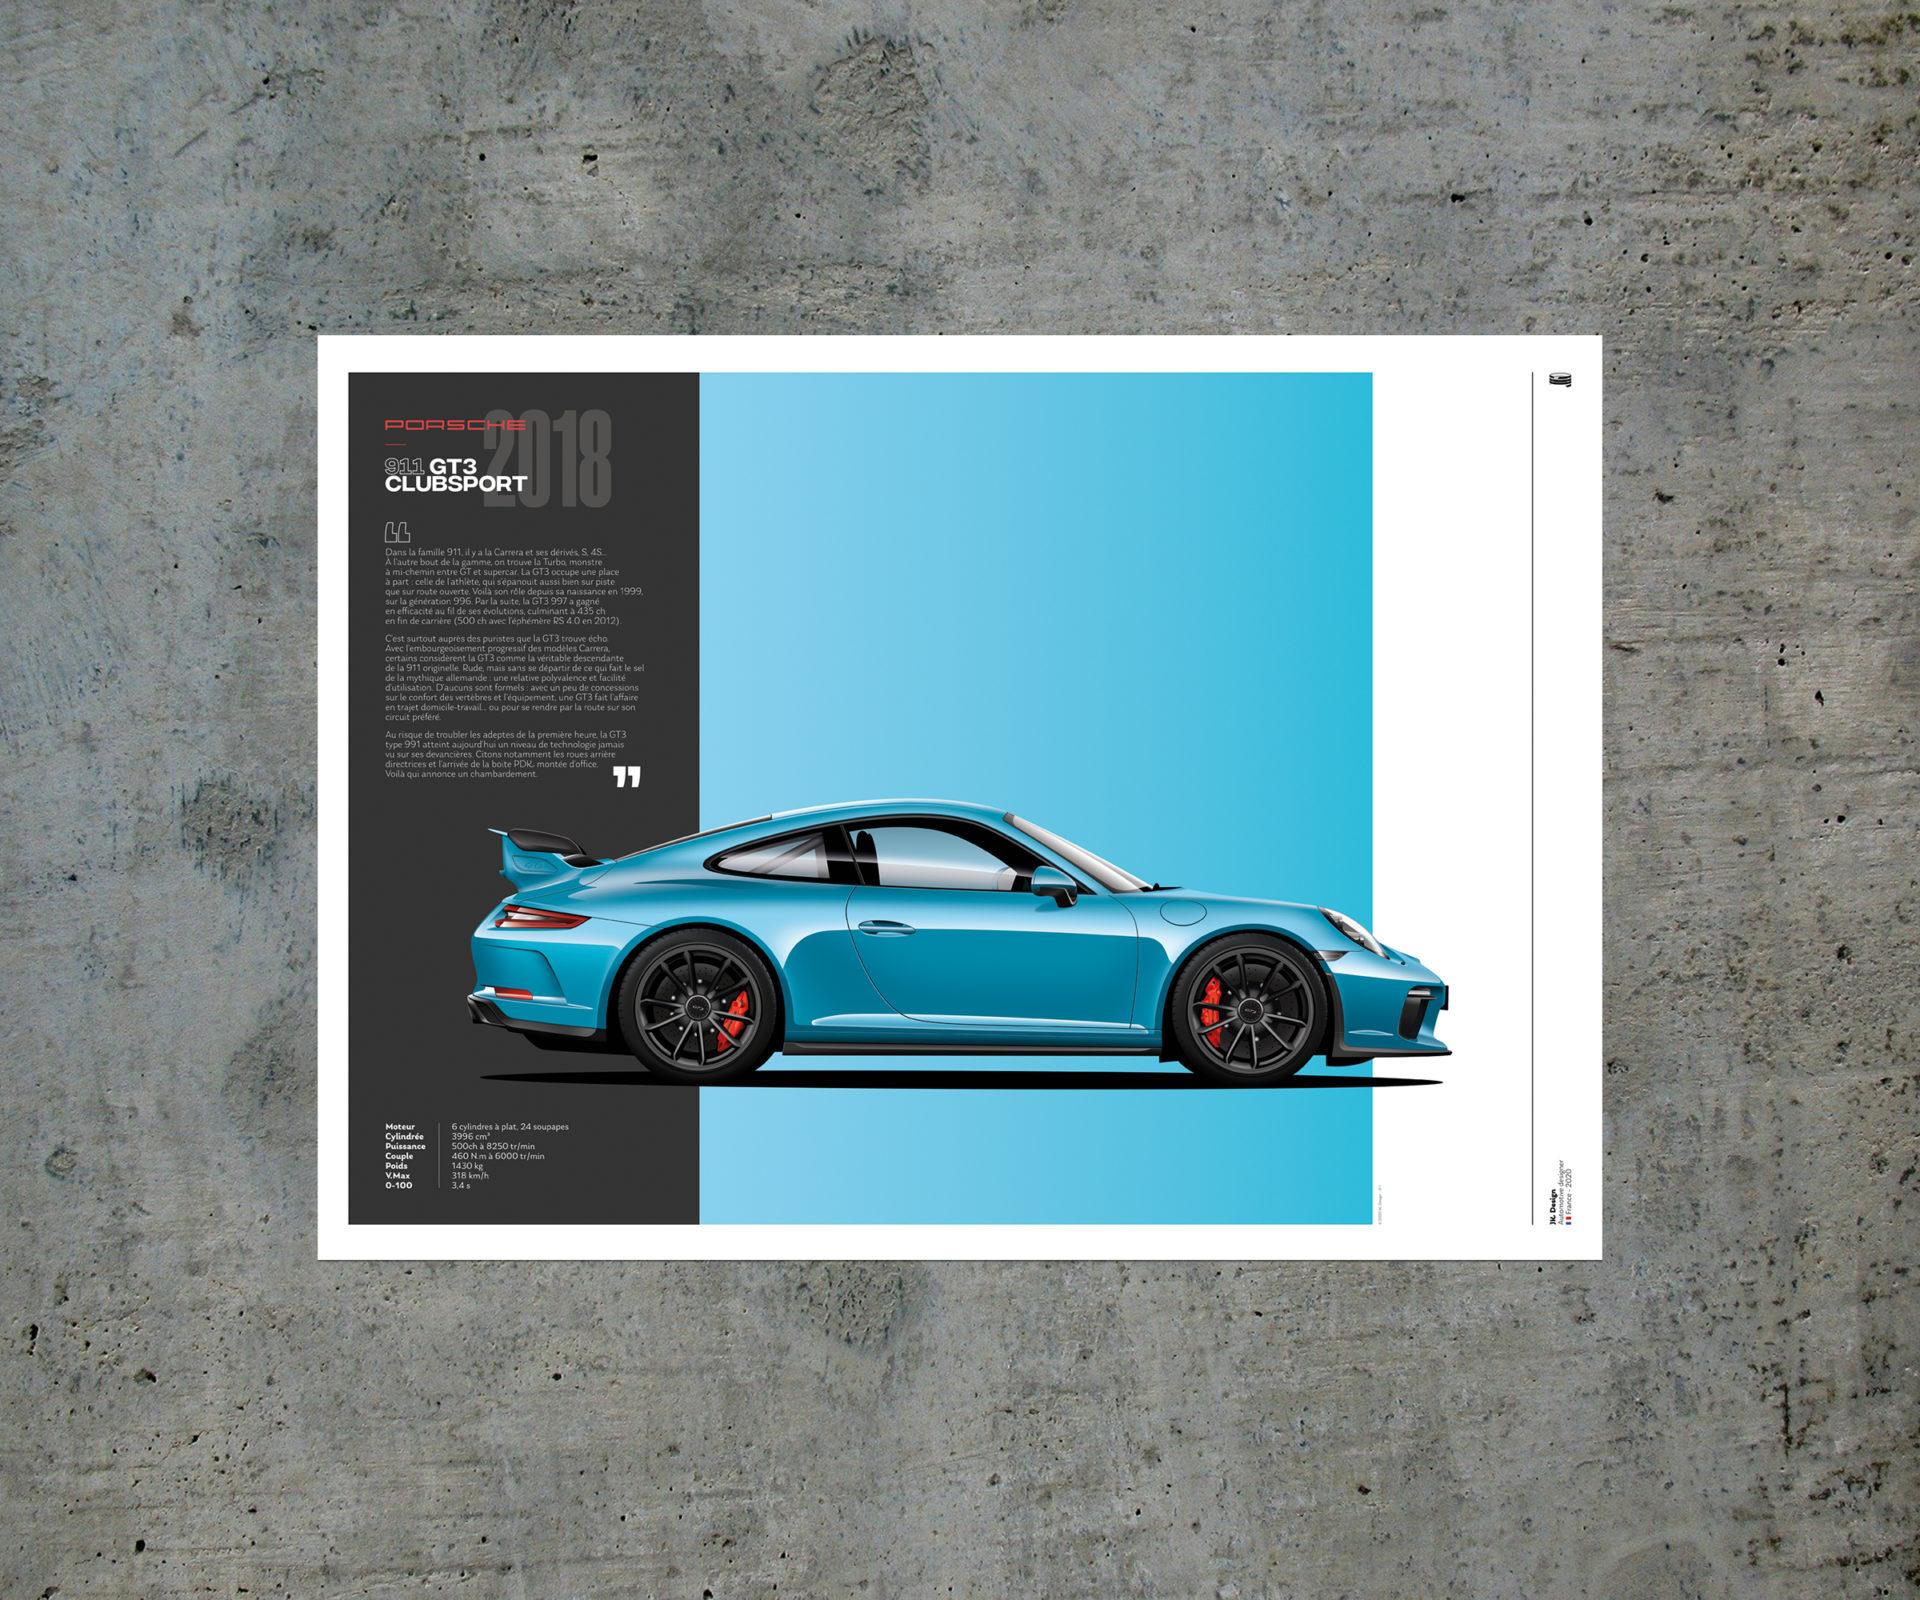 Jk Design - Porsche 911 GT3 - 13